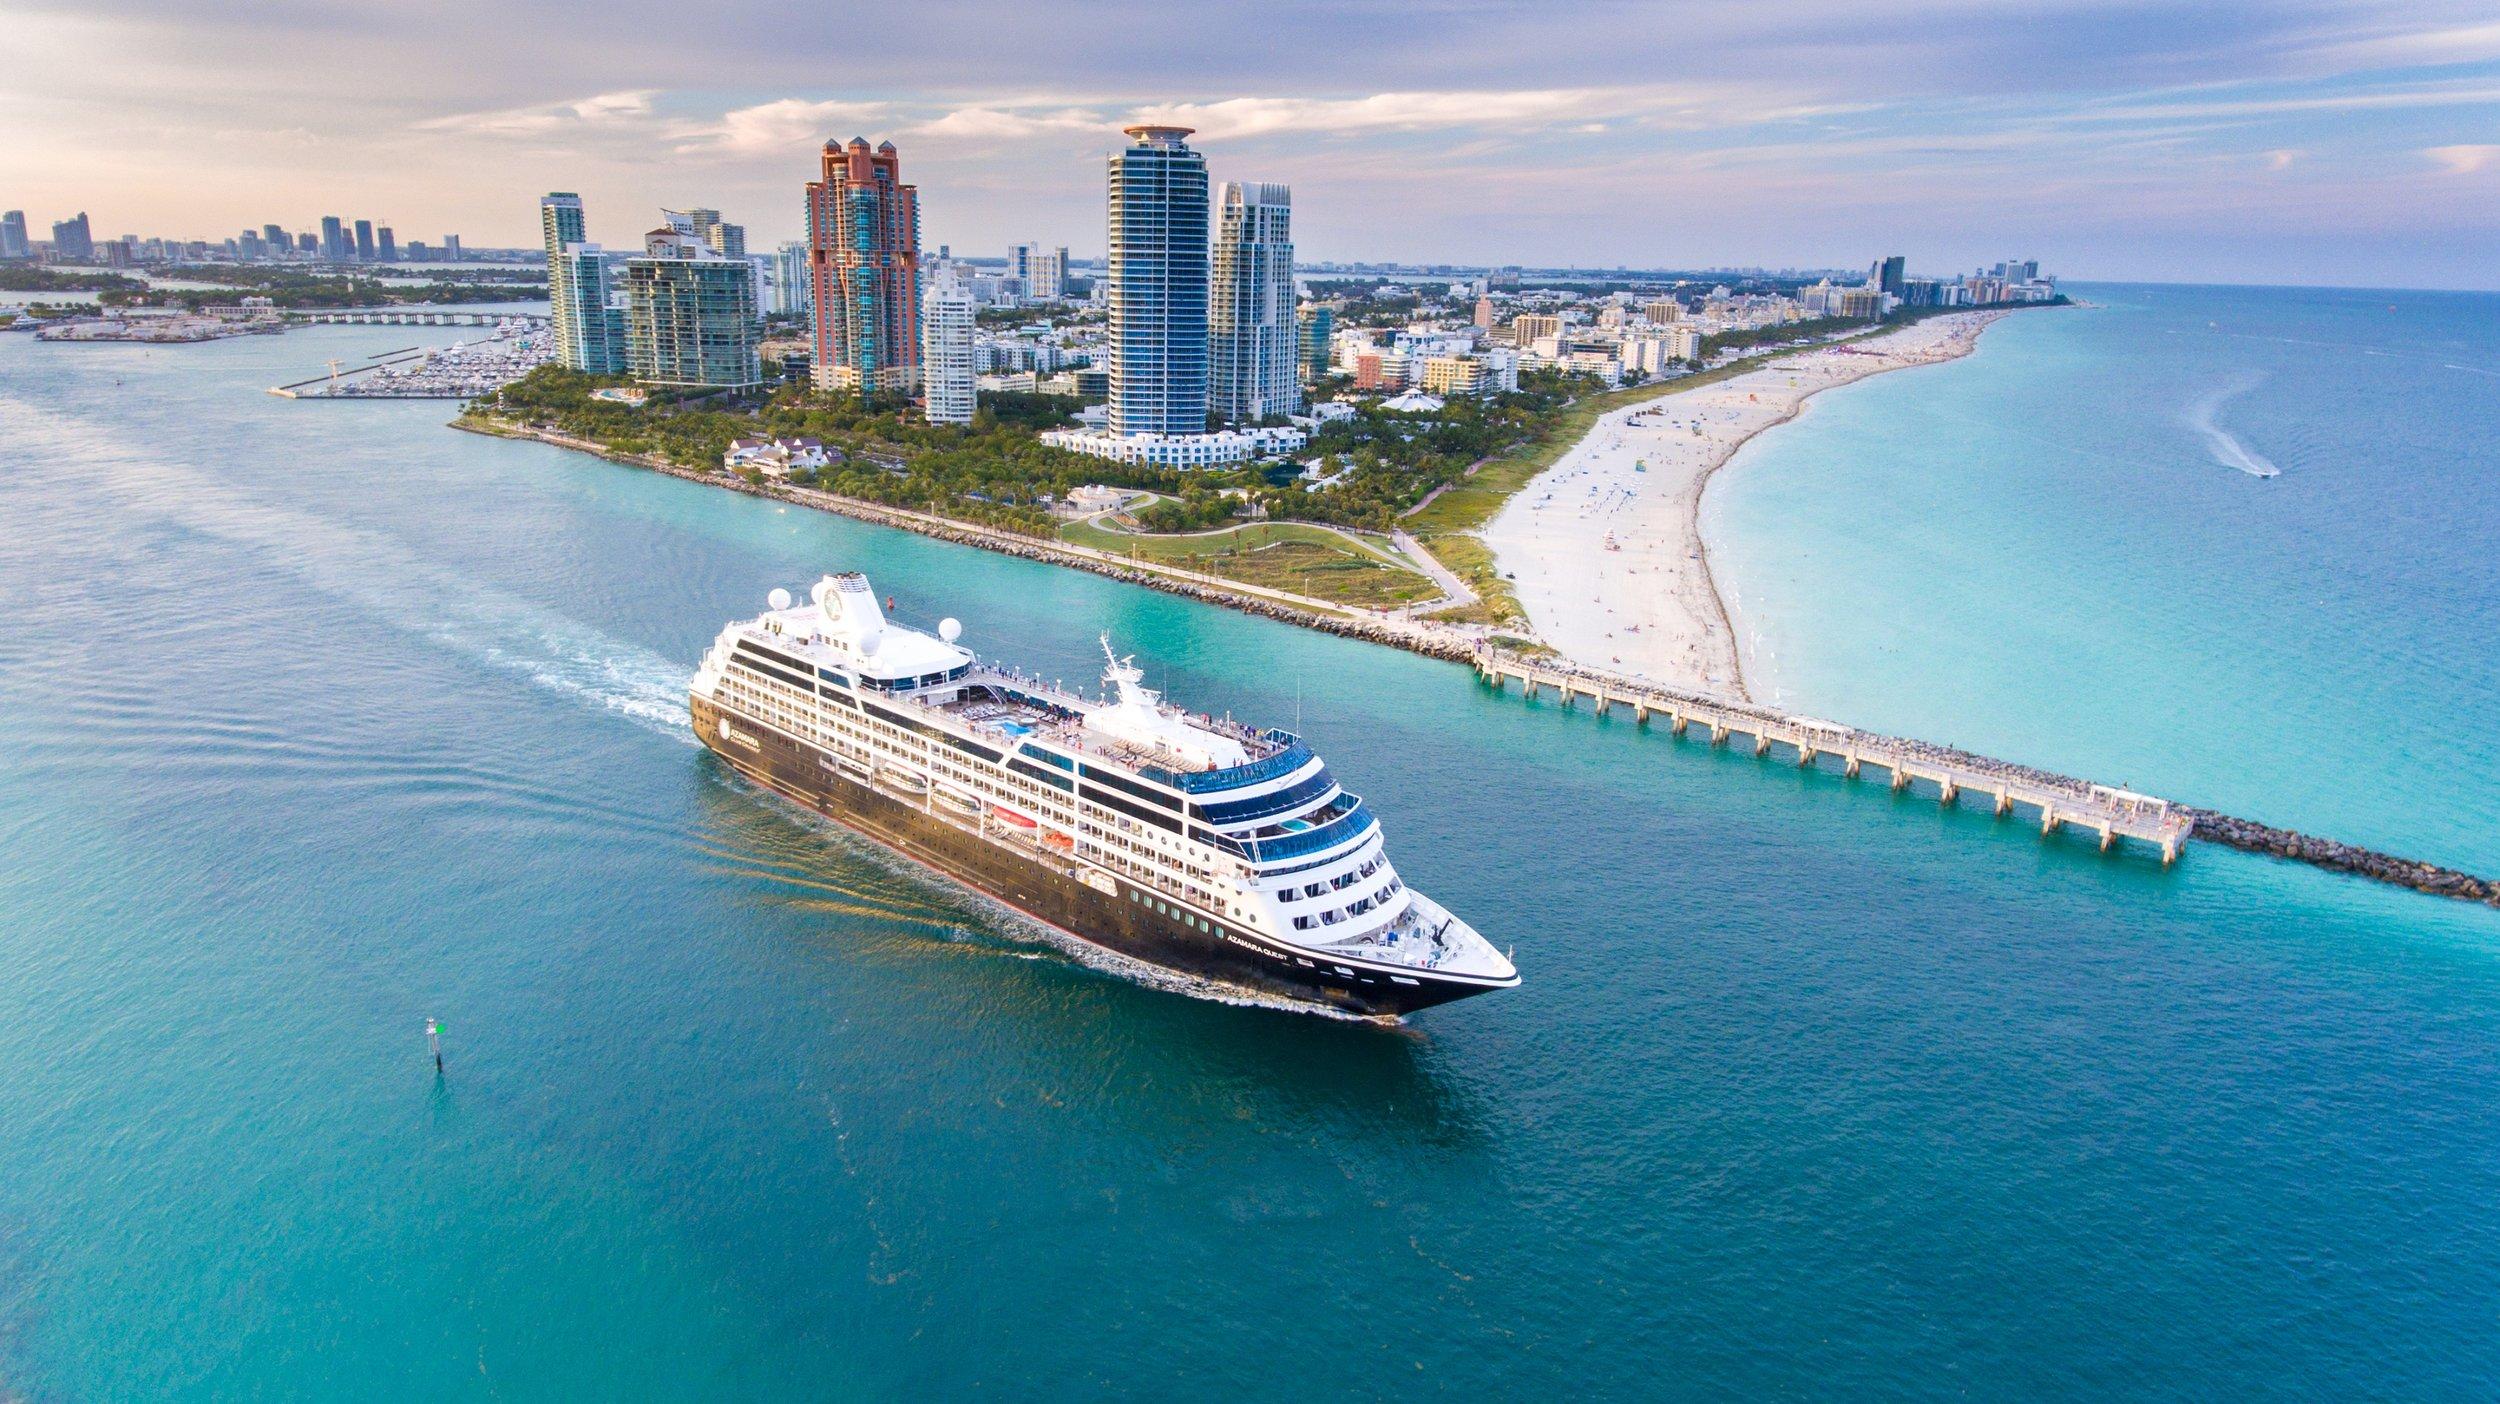 Azamara Club Cruises - Små, intima och lyxiga fartyg. Klicka här för att söka bland alla kryssningar med Azamara Cruises